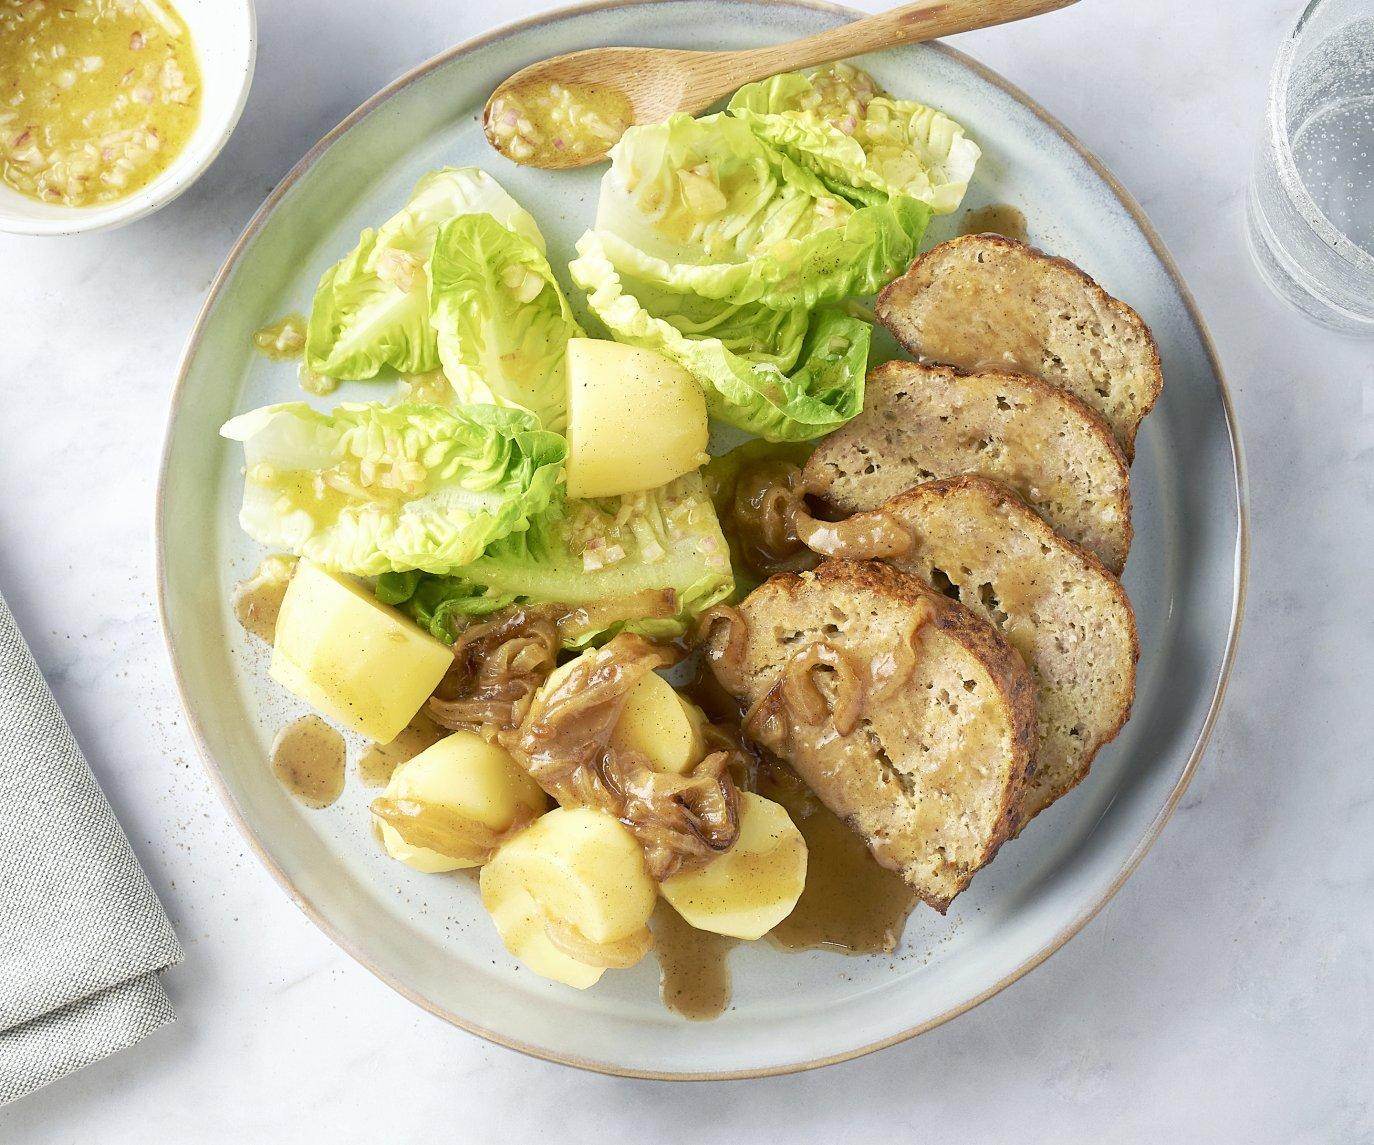 Gehaktbrood met uiensaus, gekookte aardappelen en sla